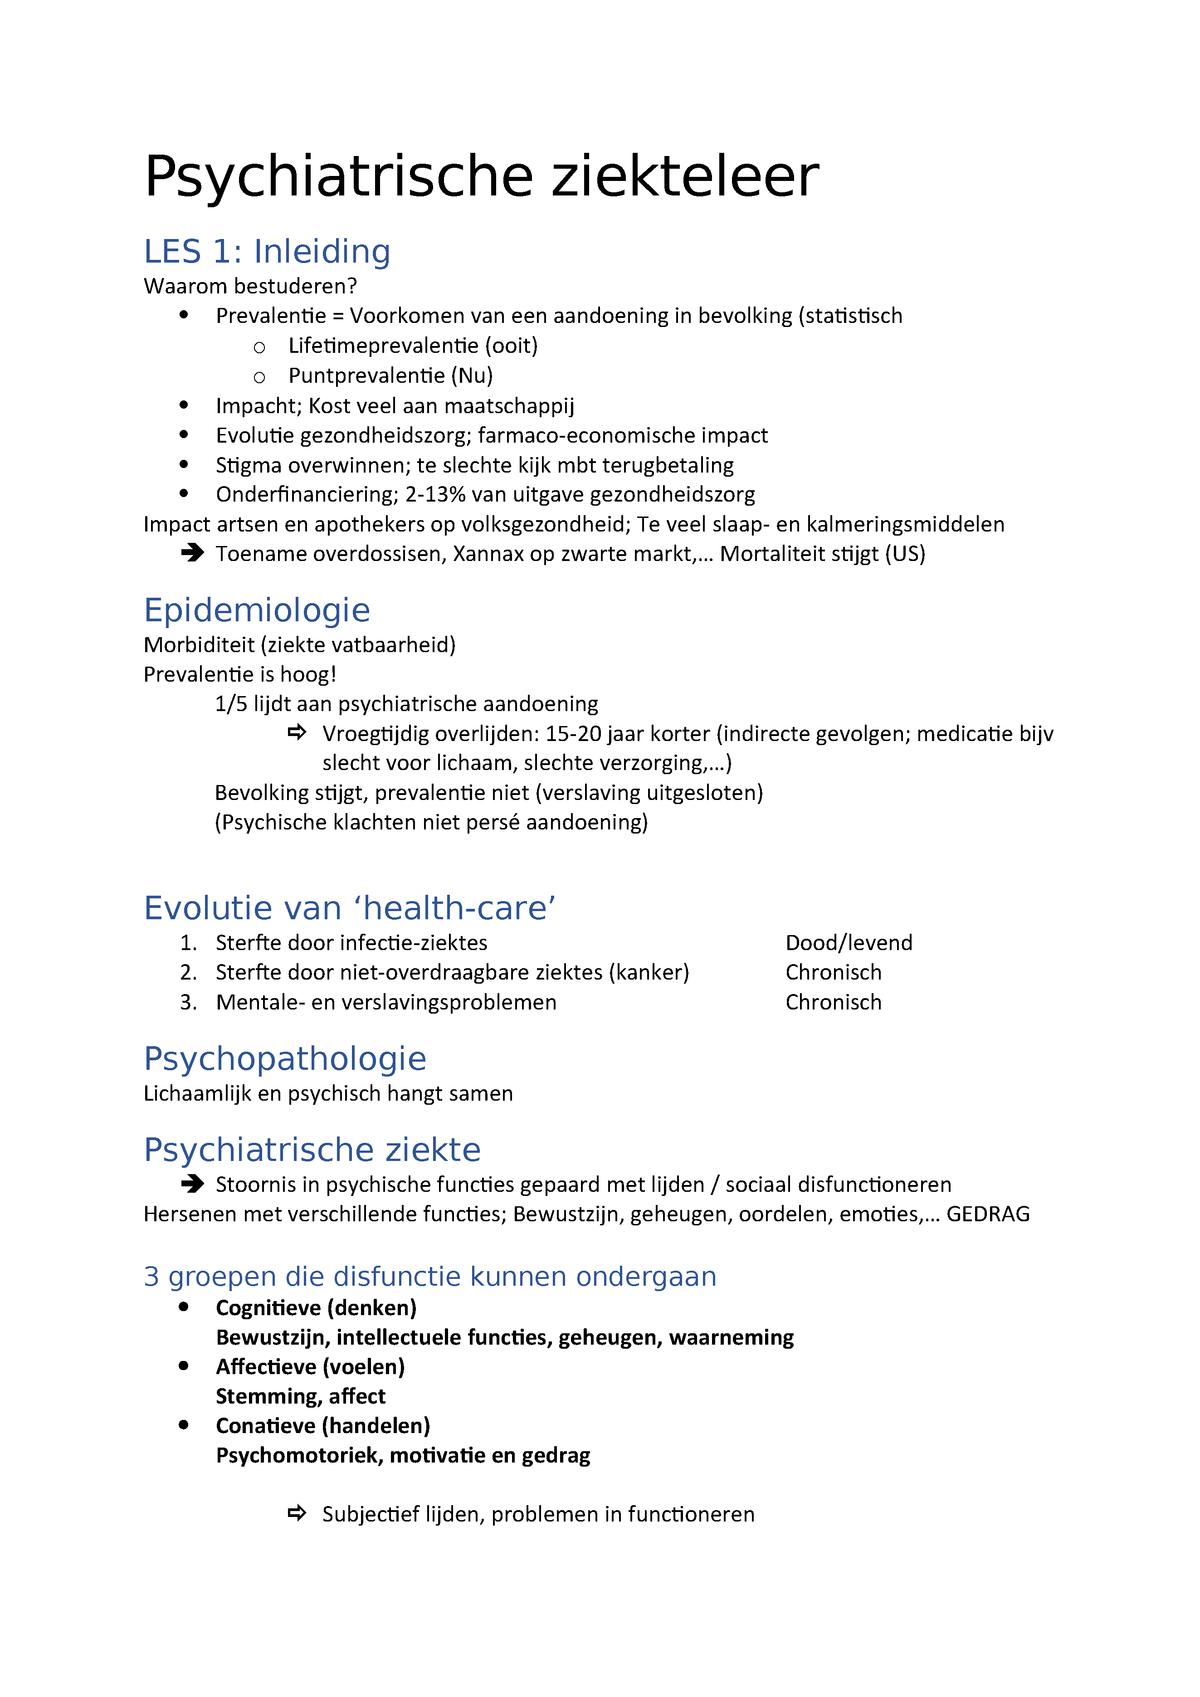 Psychiatrische Ziekteleer Sv 1031fbdfar Uantwerpen Studocu